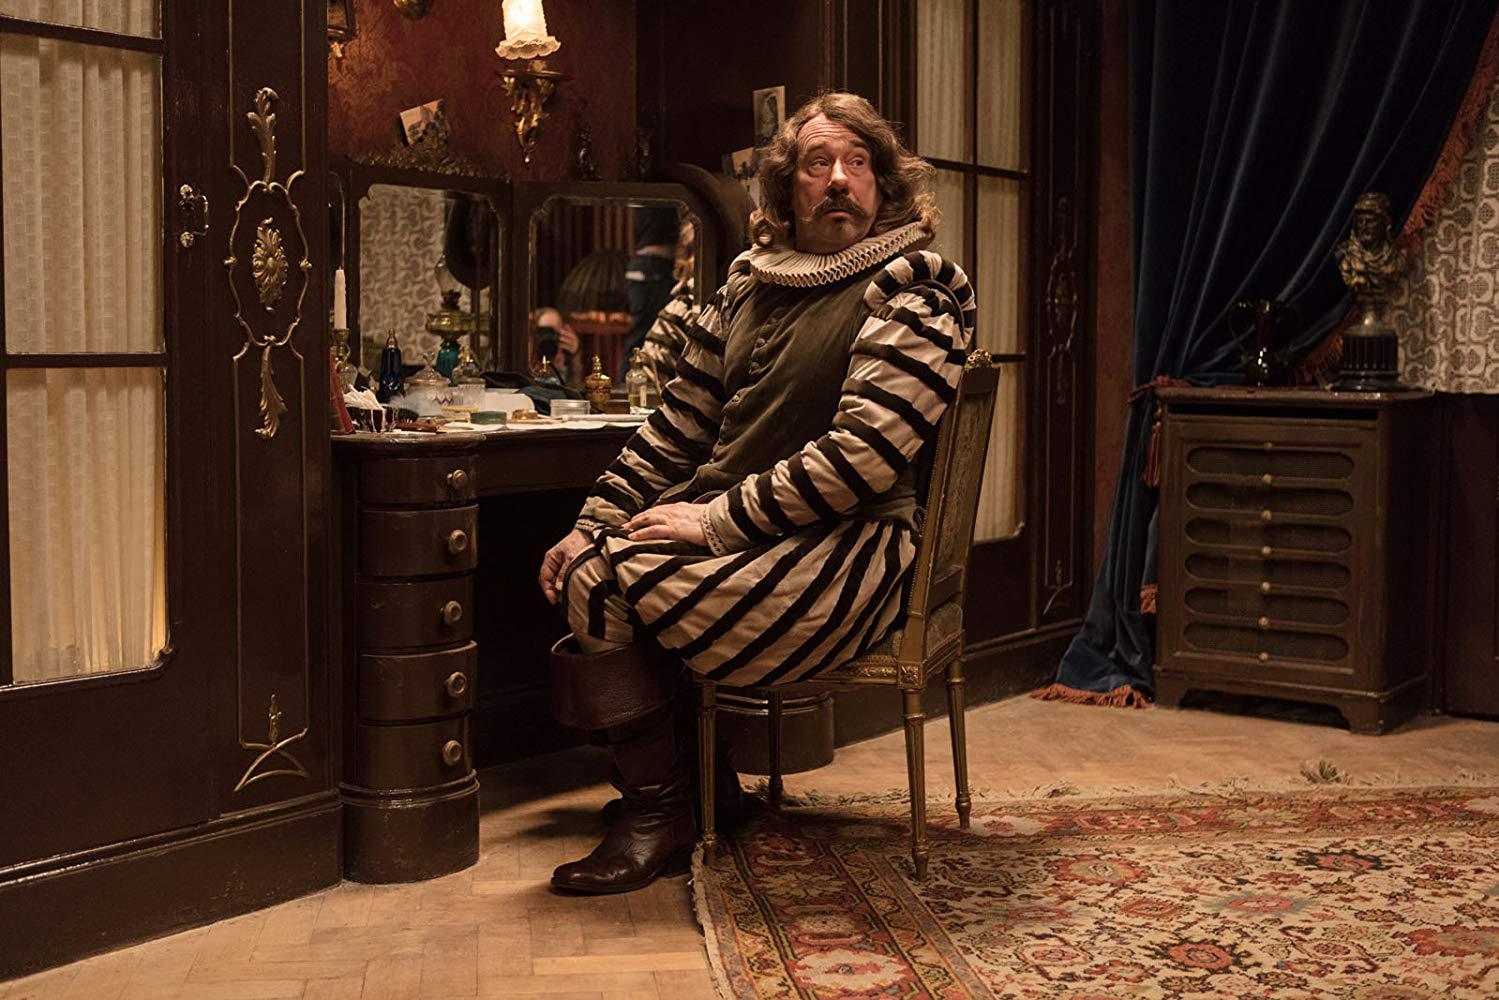 Оливье Гурме в роли актера Коклена, впервые сыгравшего роль Сирано де Бержерака